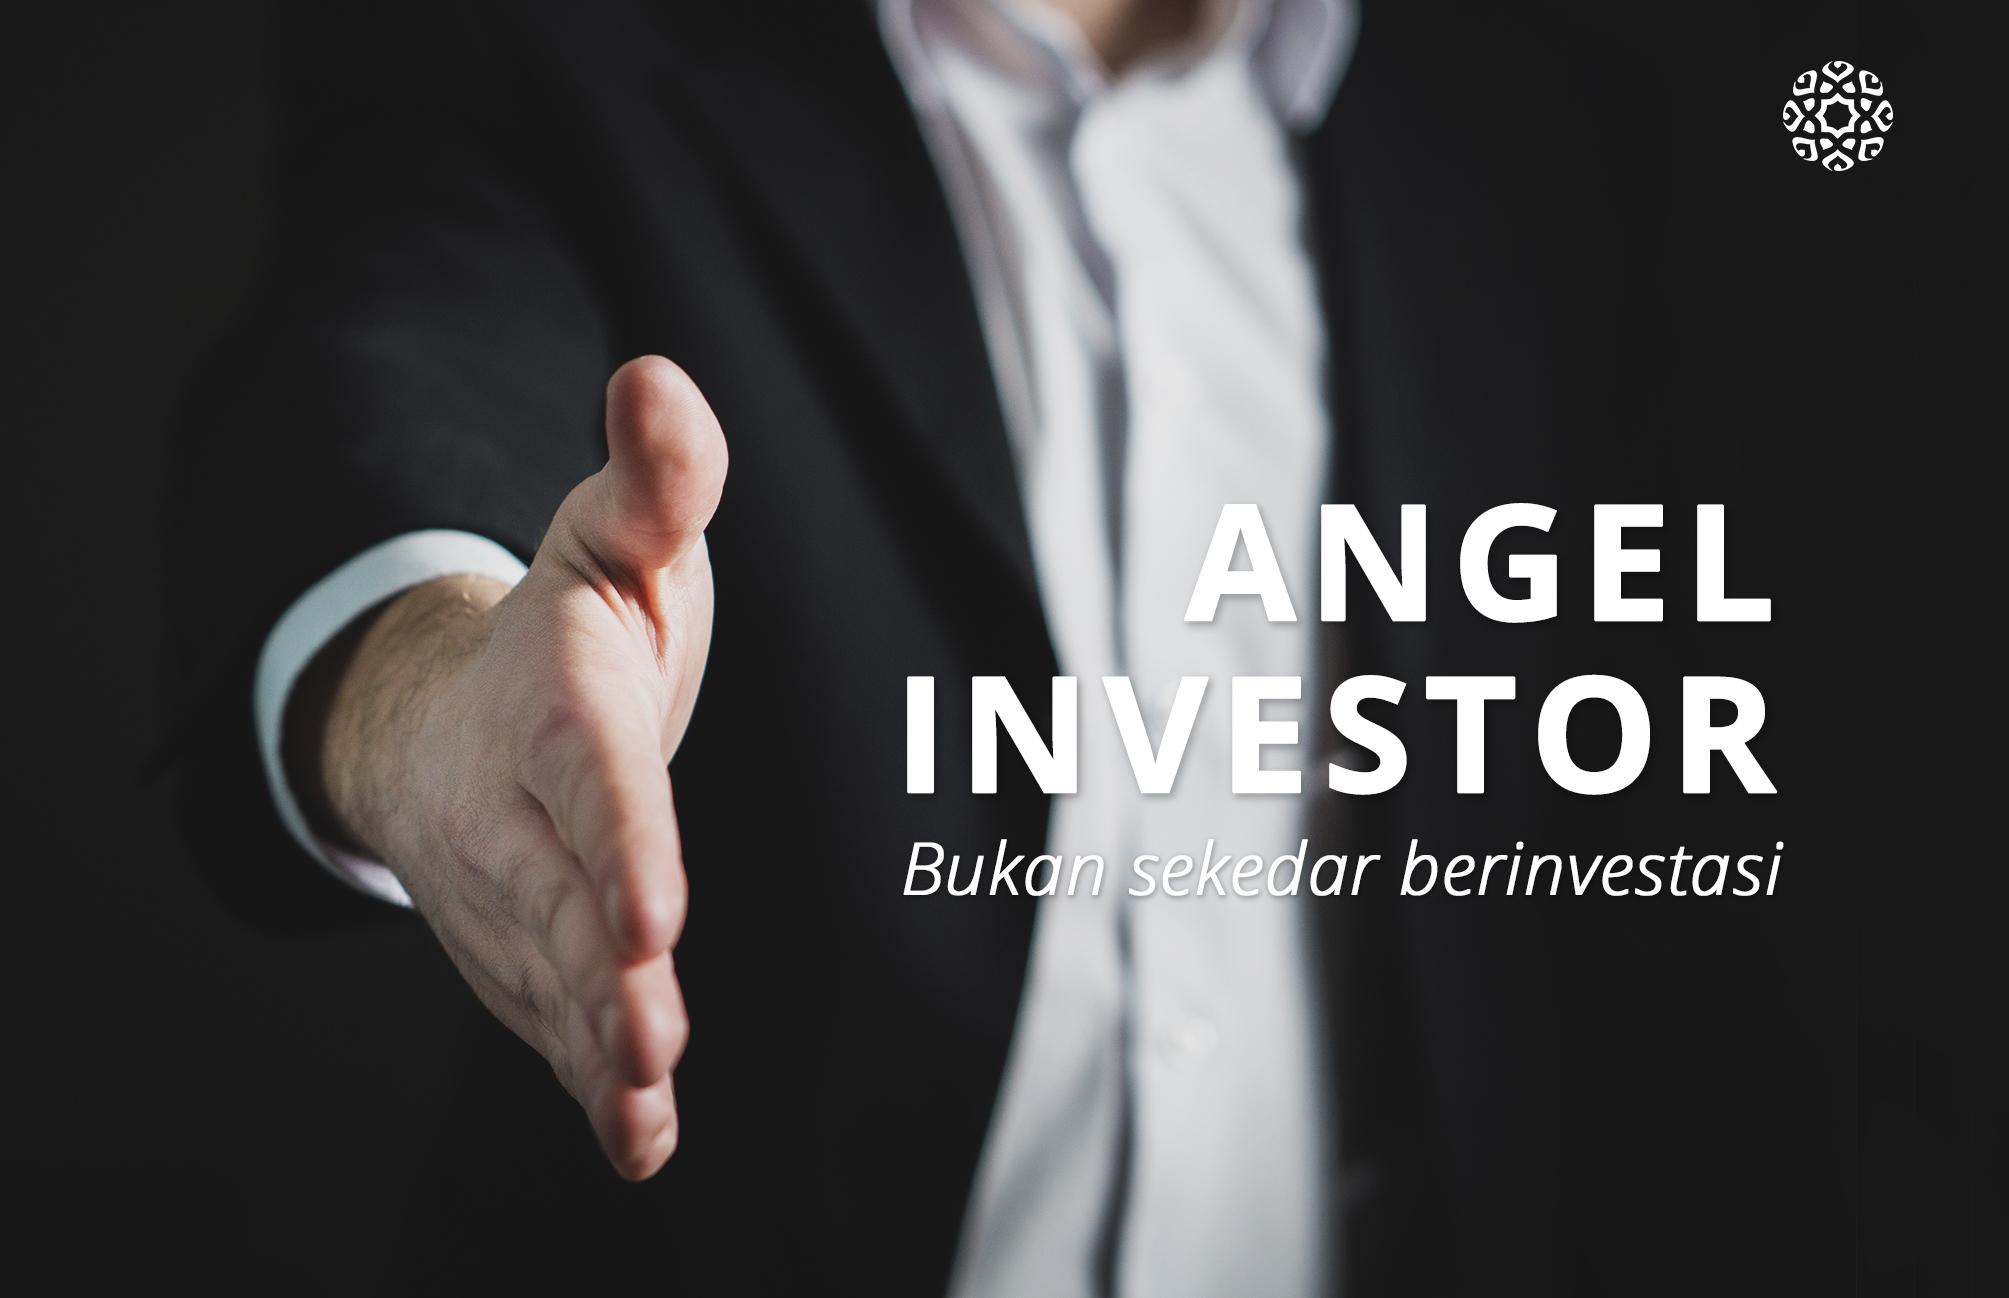 Menjadi Angel Investor dan Tebarkan Manfaat untuk Lingkungan Sekitar